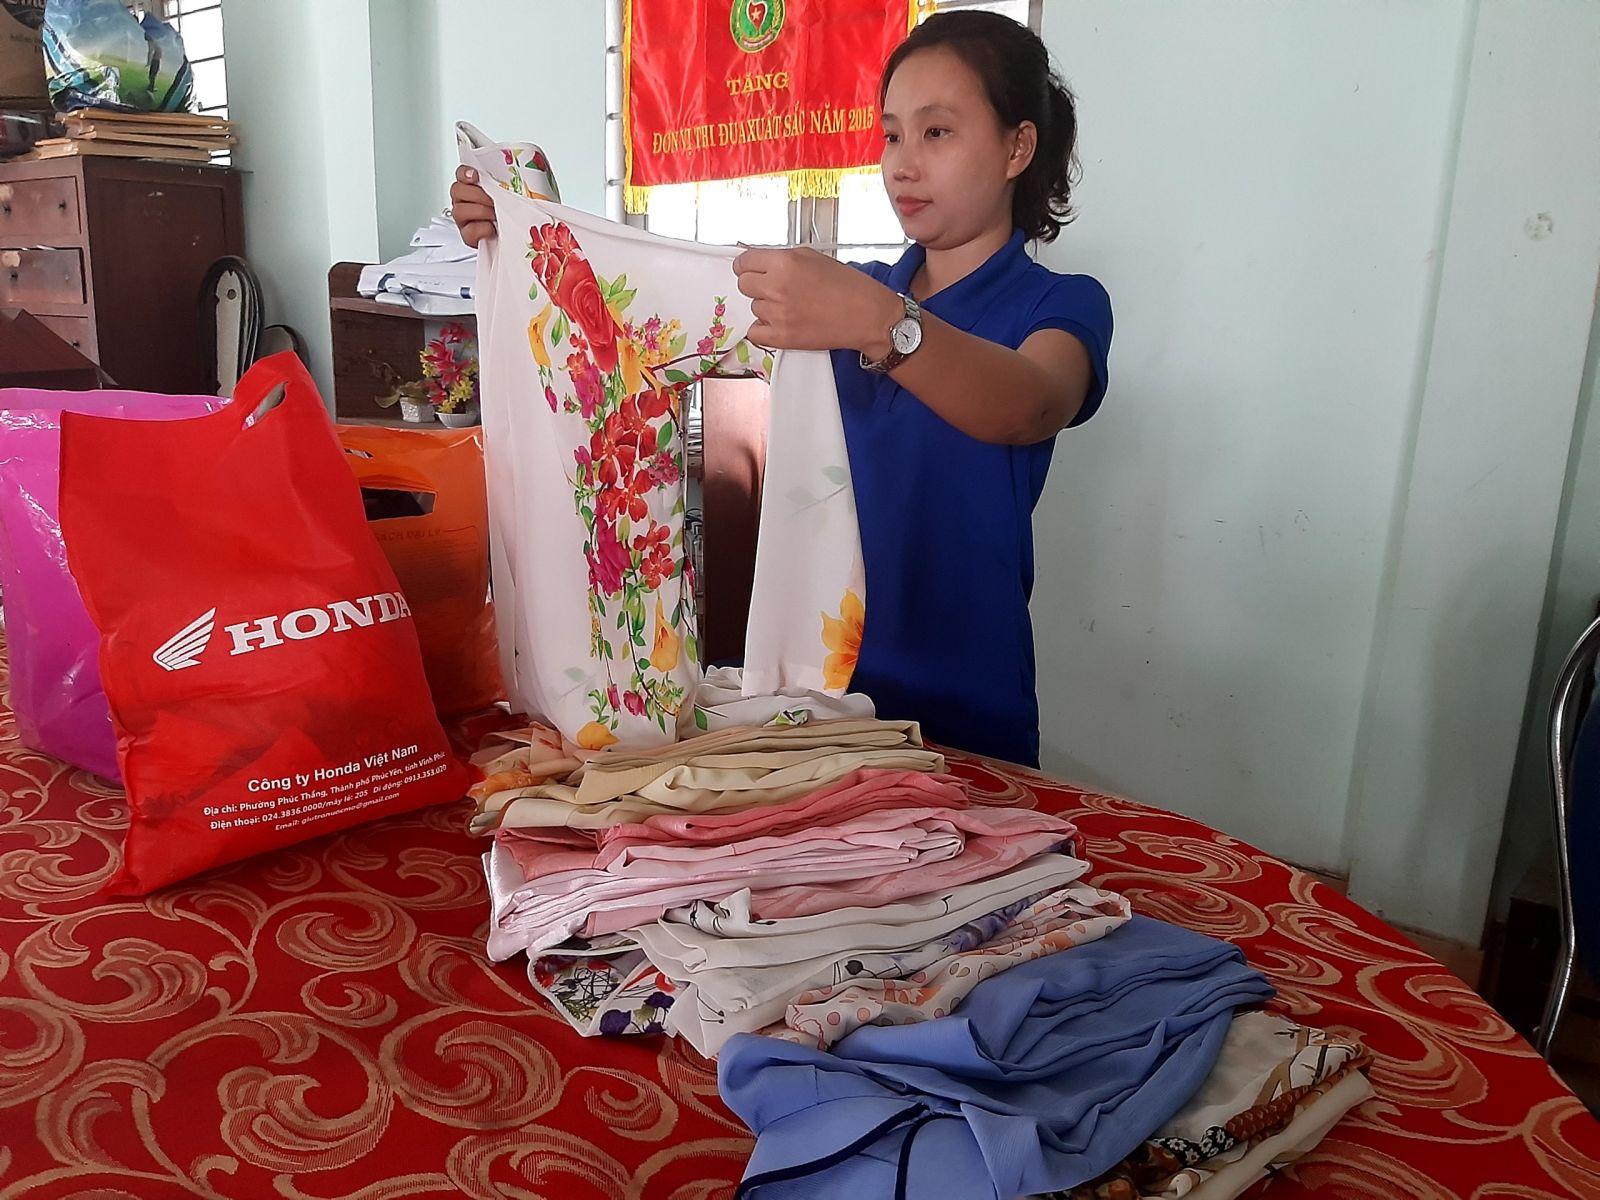 Chị Cao Lê Cẩm Bình đang soạn, gấp lại số áo dài vừa nhận, chuẩn bị chuyển đi đợt 2